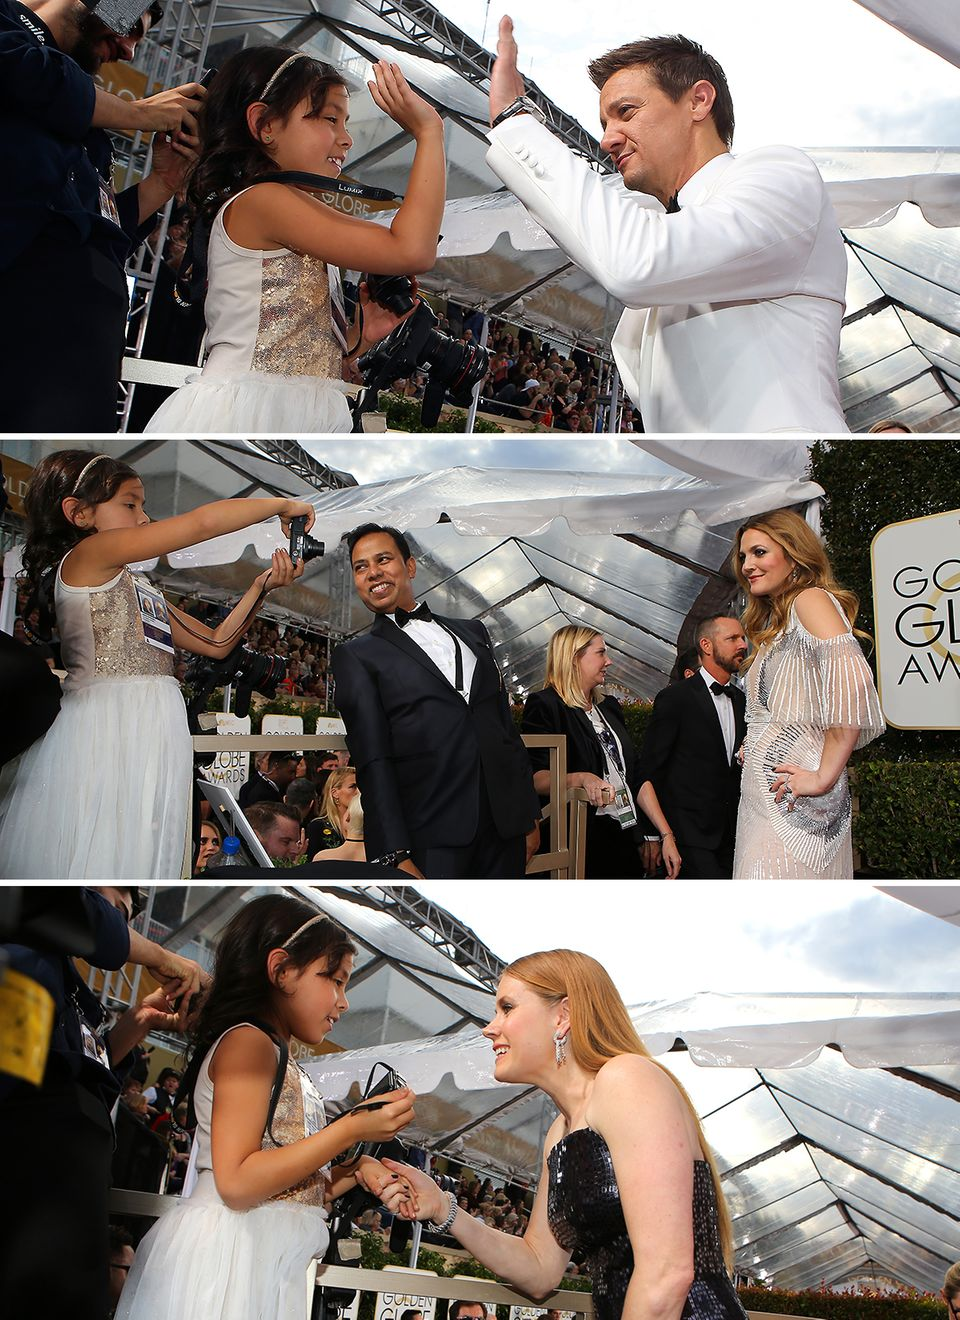 Dieser kleine Fan zieht die Aufmerksamkeit der großen Stars auf sich. Jeremy Renner, Drew Barrymore und Amy Adams posieren für das Mädchen und nehmen sich extra viel Zeit.